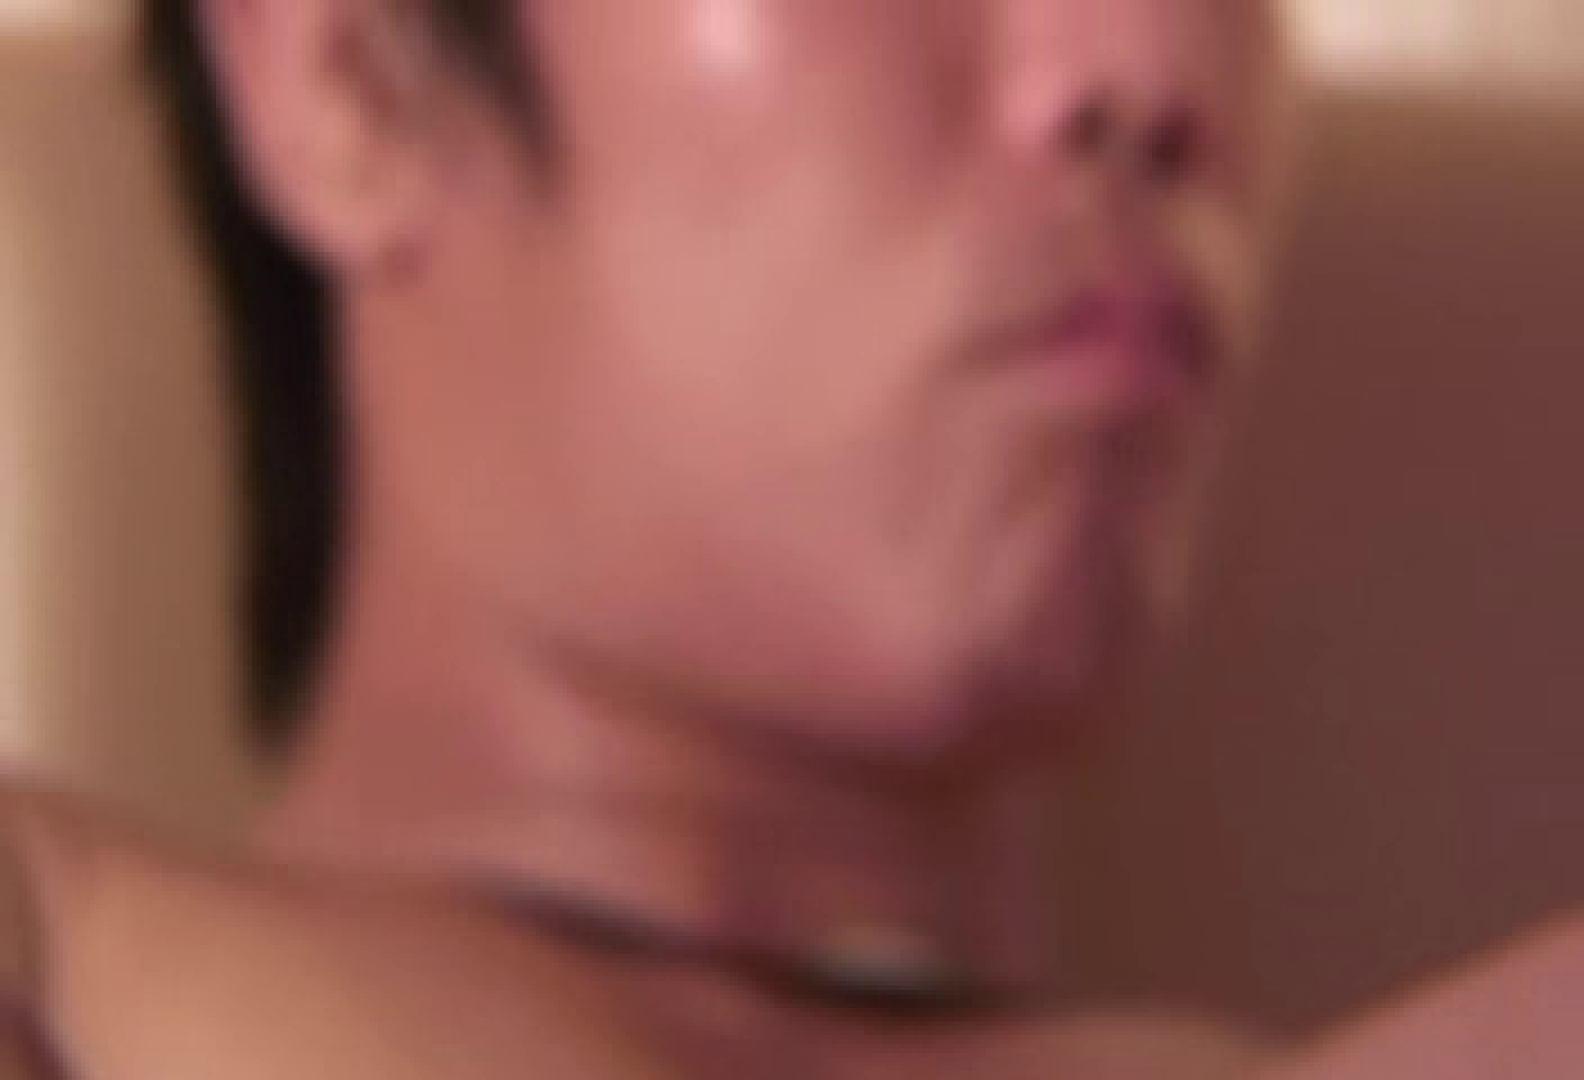 スリ筋!!Nice Finish!!vol.02 エロ動画 | モザ無し ゲイセックス画像 79枚 79